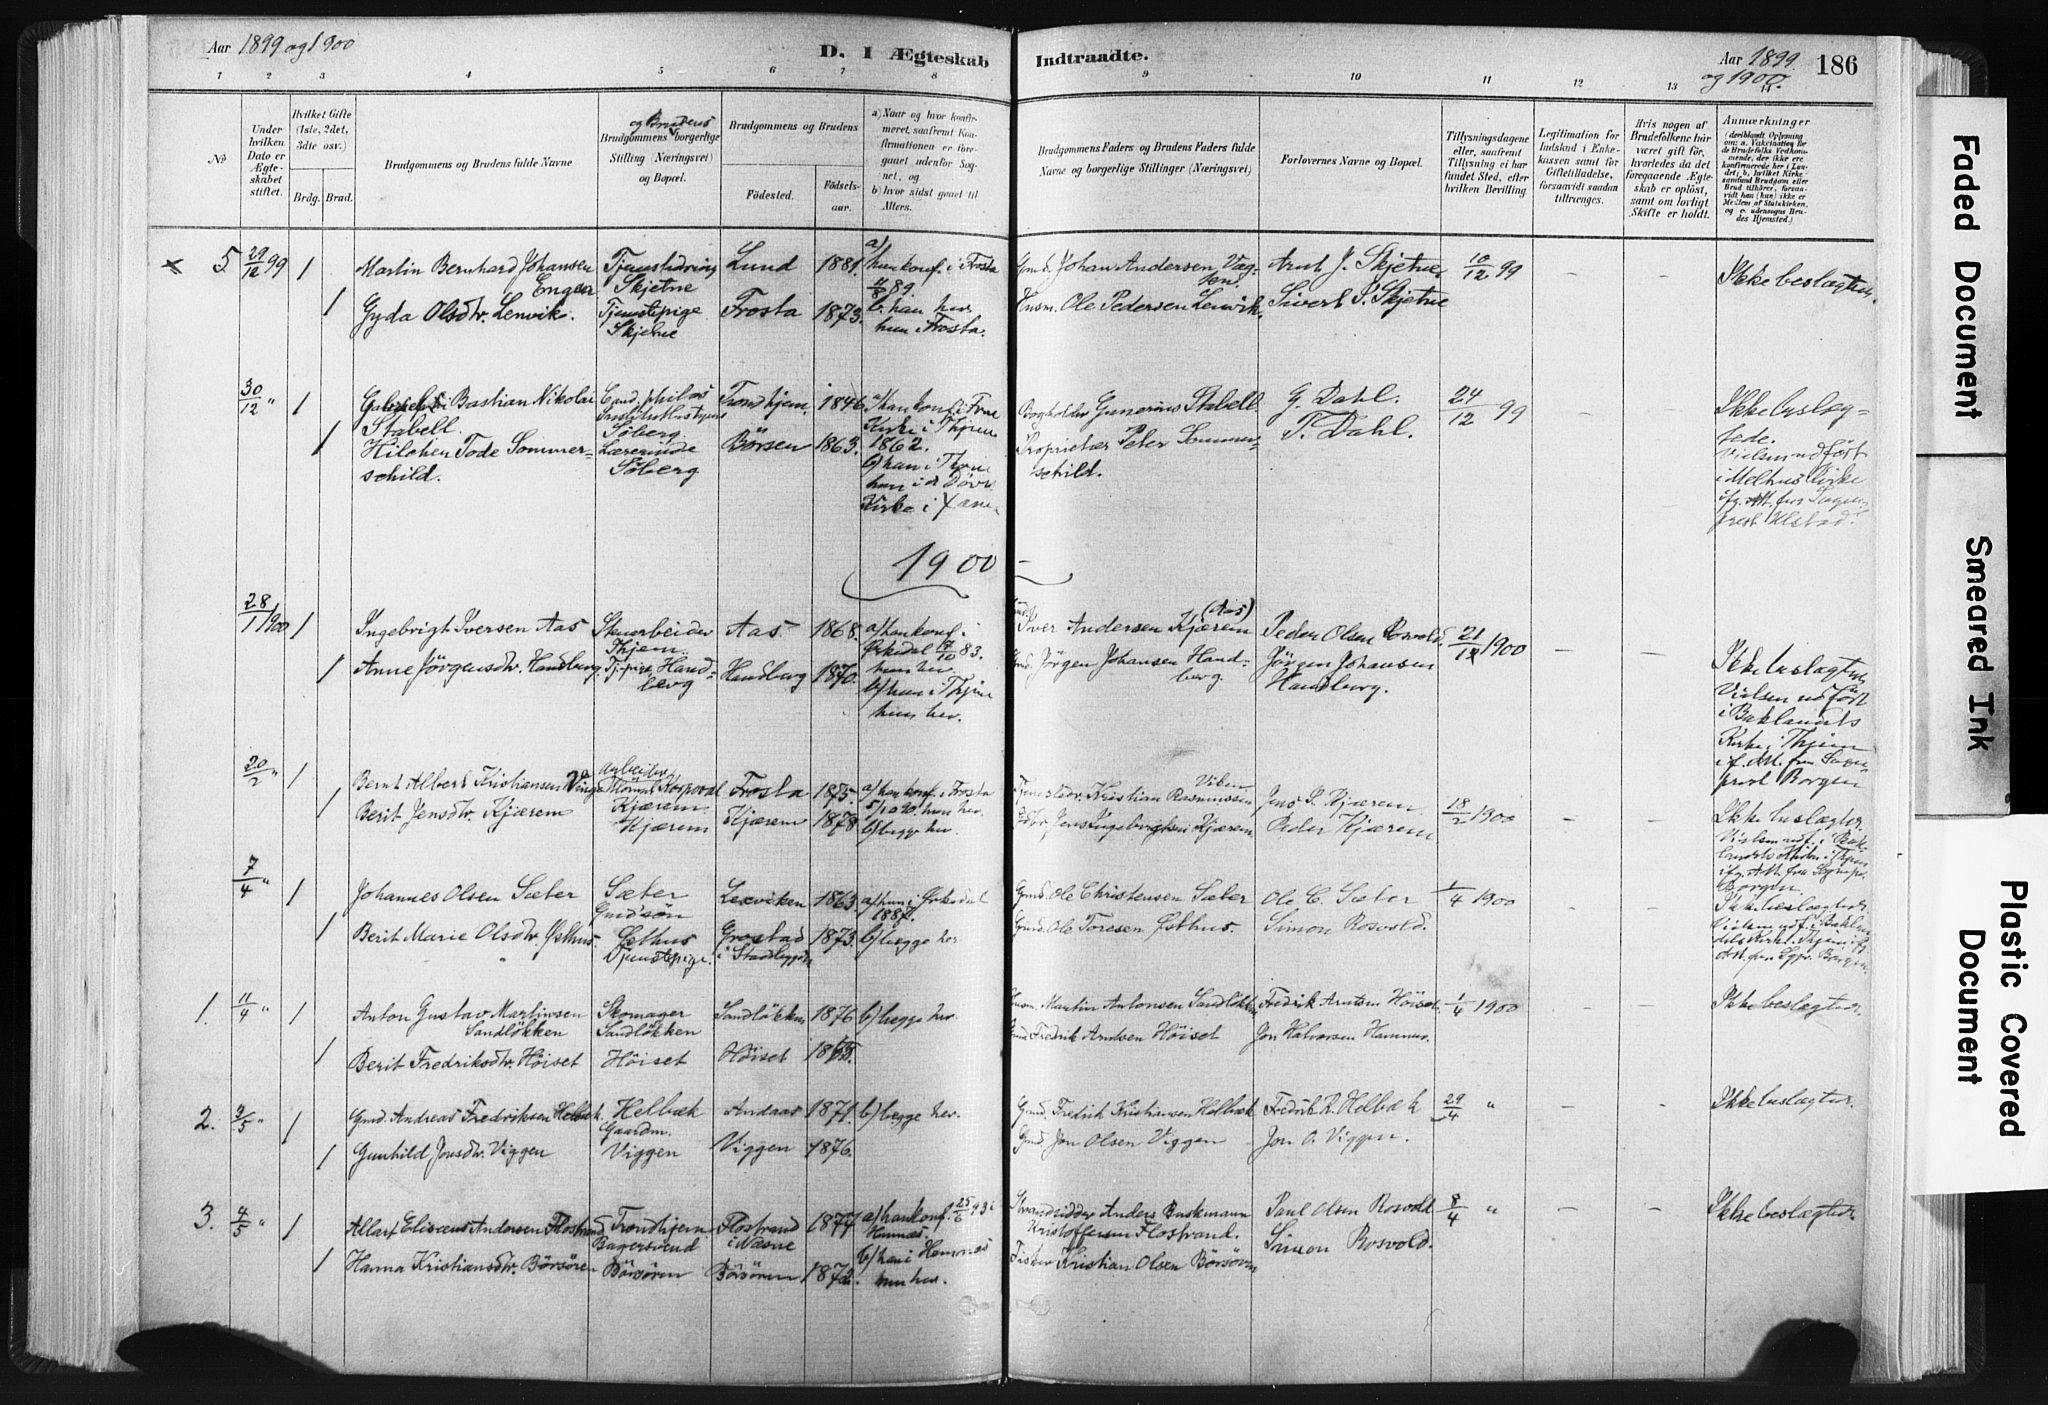 SAT, Ministerialprotokoller, klokkerbøker og fødselsregistre - Sør-Trøndelag, 665/L0773: Ministerialbok nr. 665A08, 1879-1905, s. 186